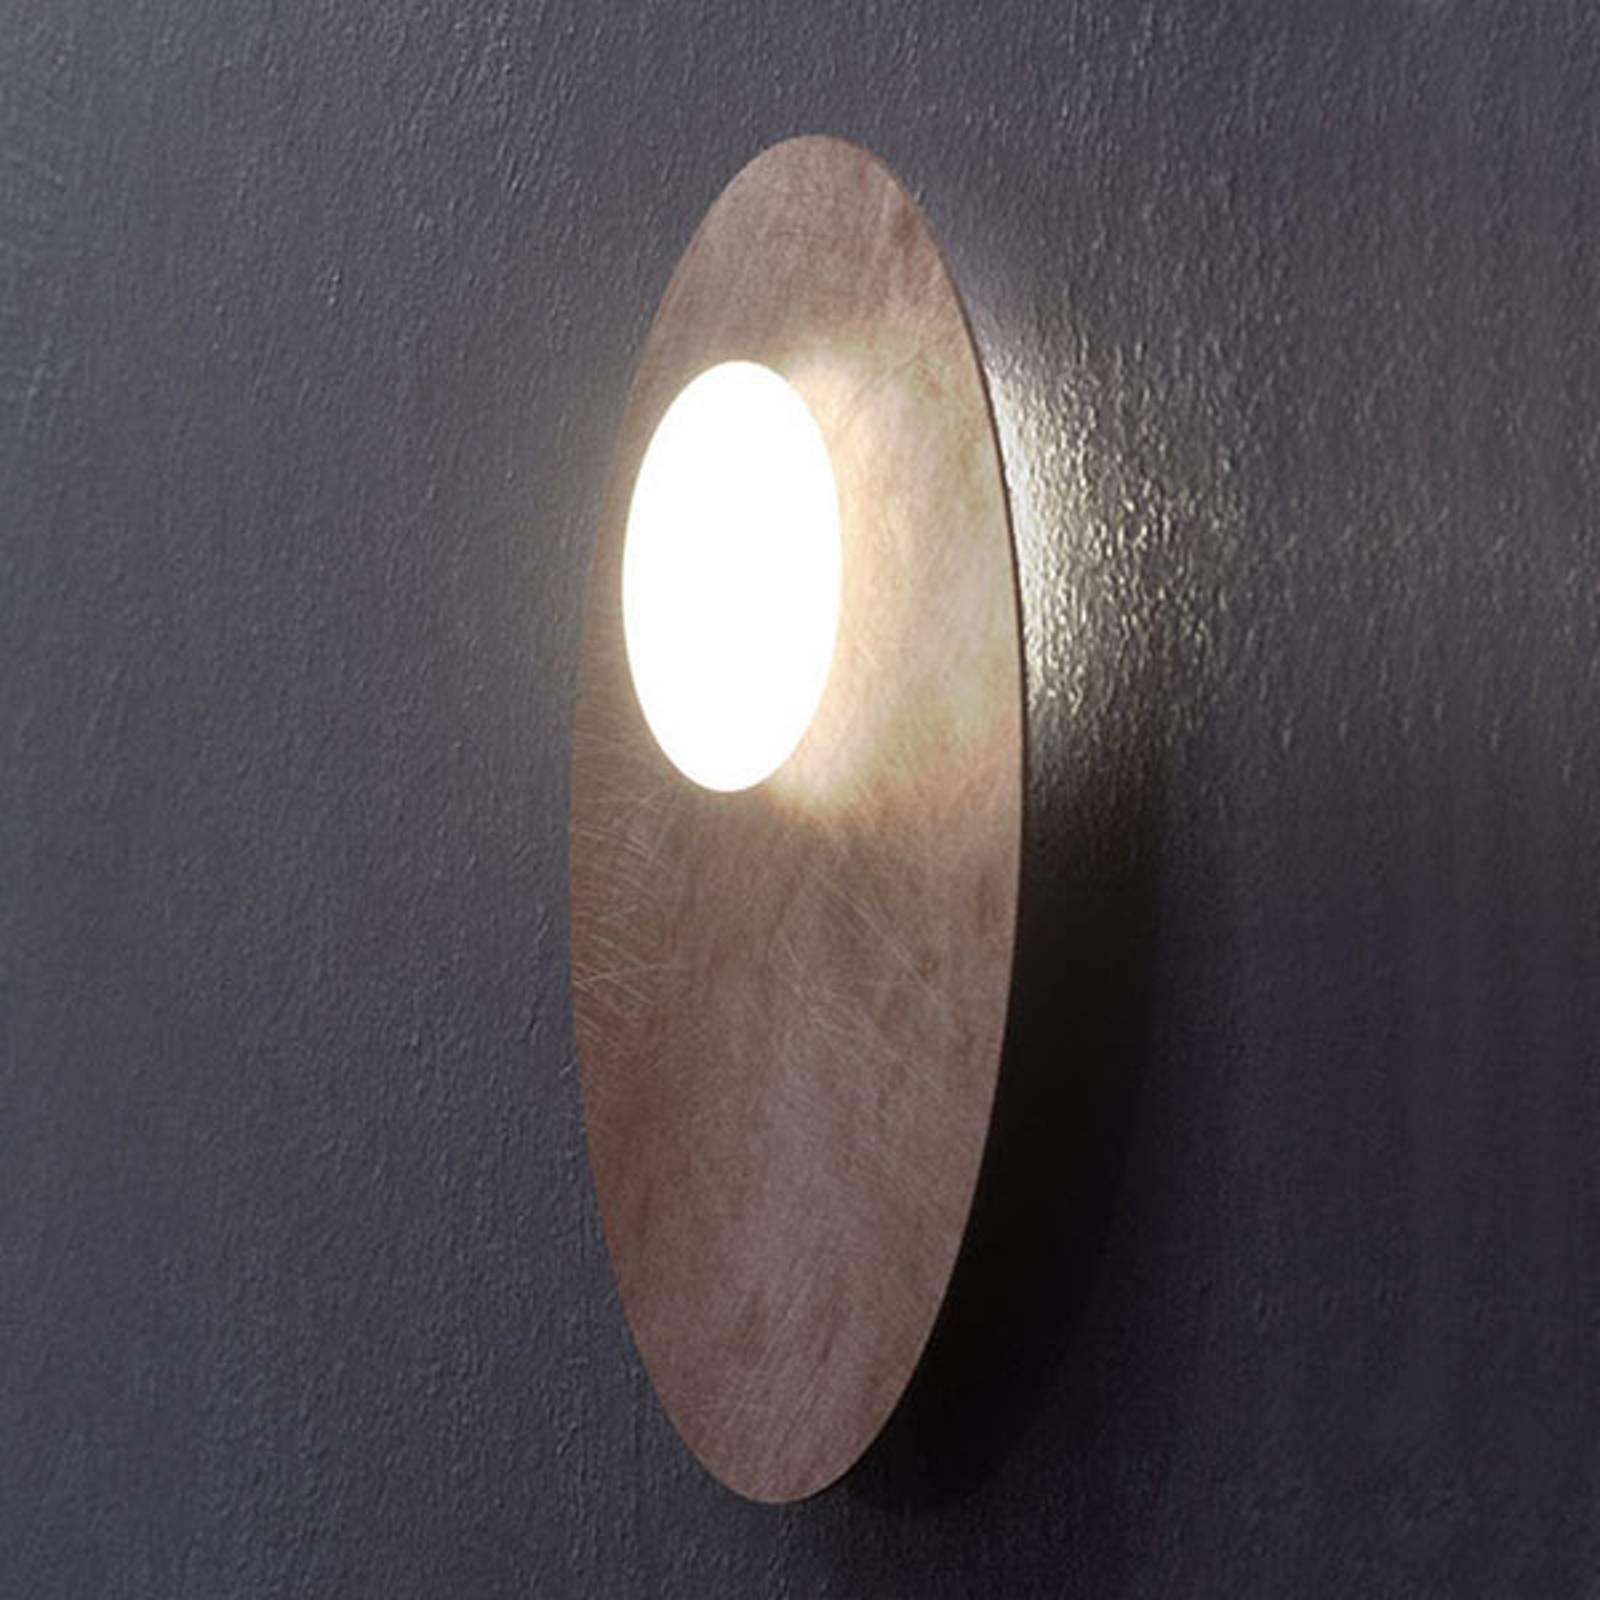 Axolight Kwic LED-kattovalaisin, pronssi, Ø 48 cm